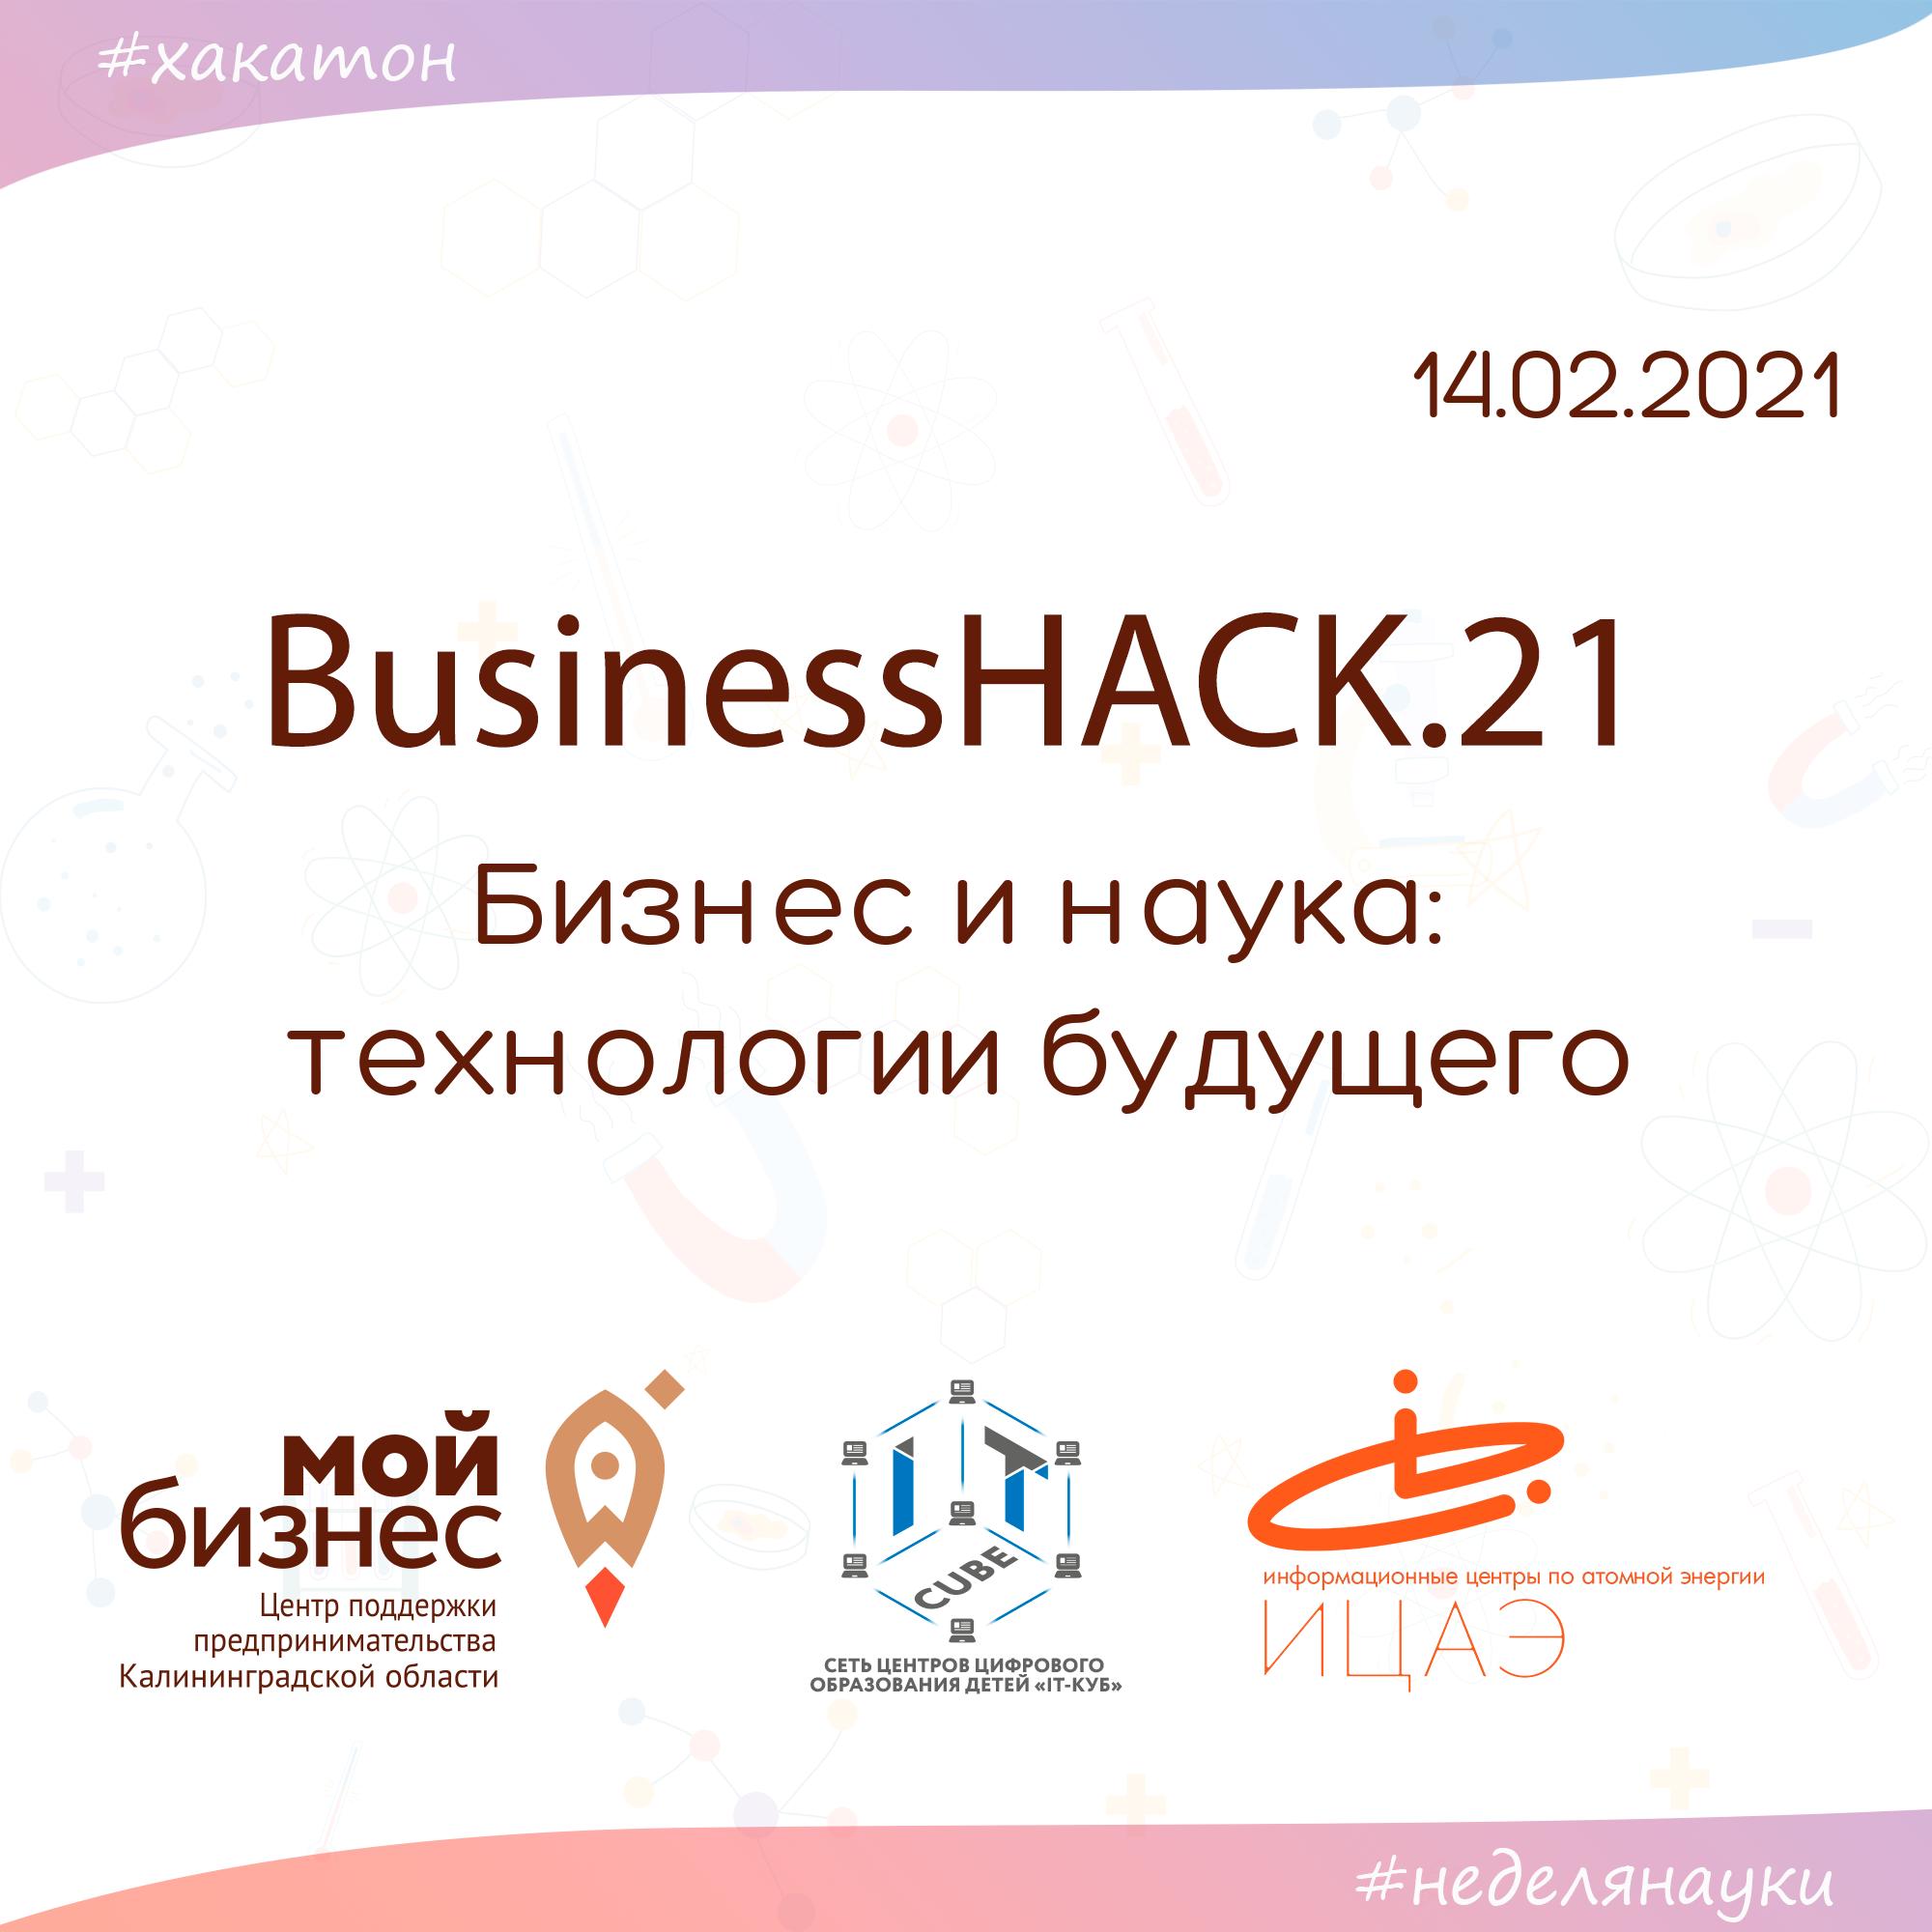 Хакатон «BuisnessHack.21. Бизнес и наука: технологии будущего»